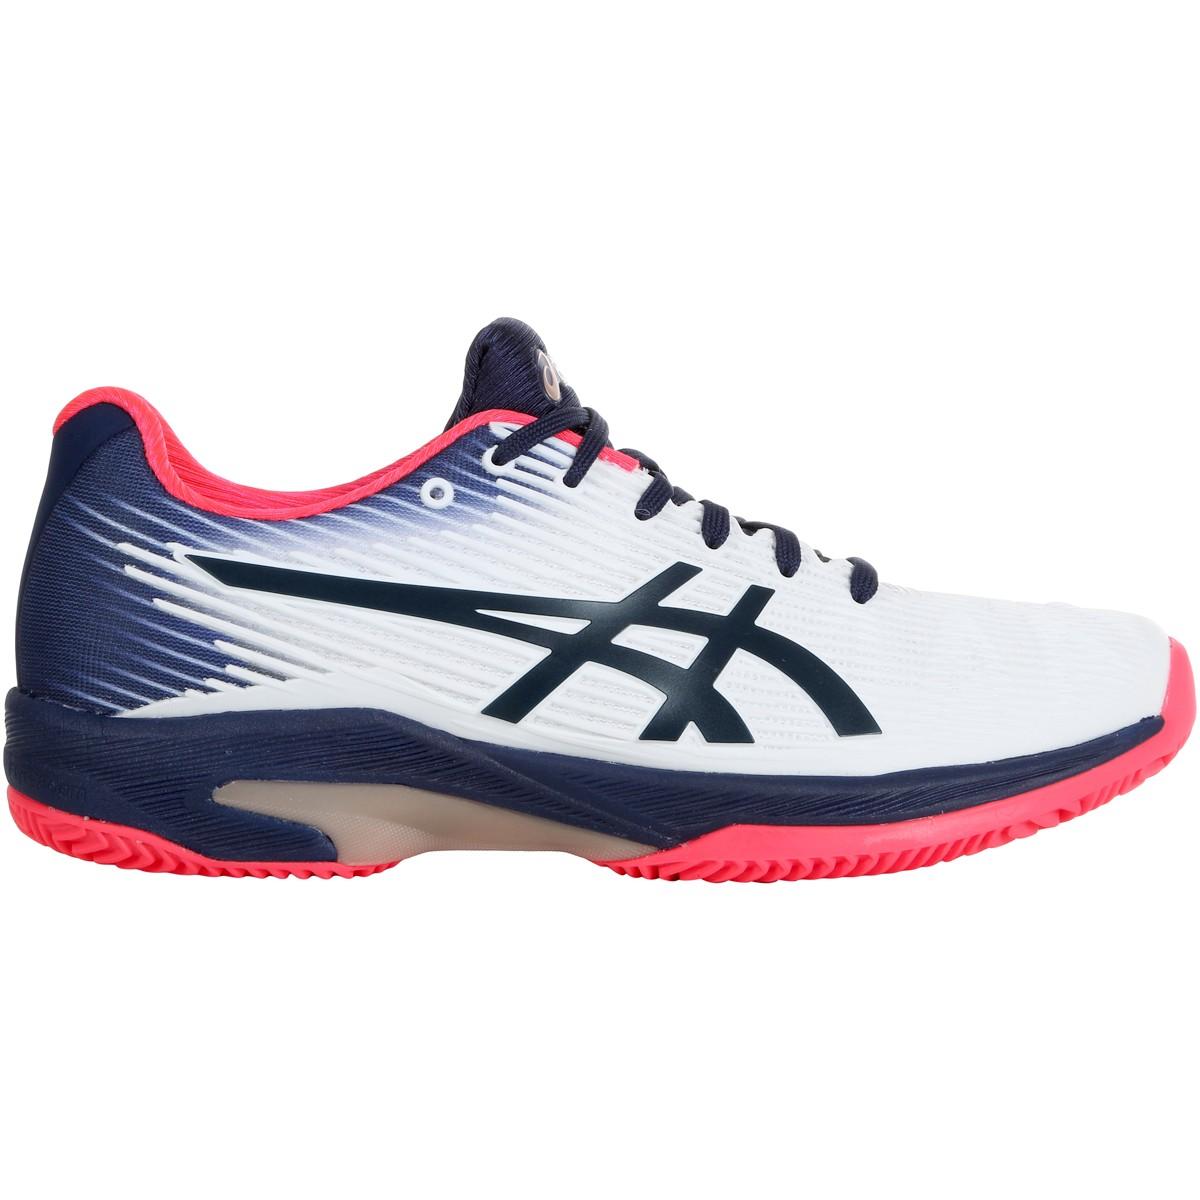 chaussures tennis femme asics terre battue